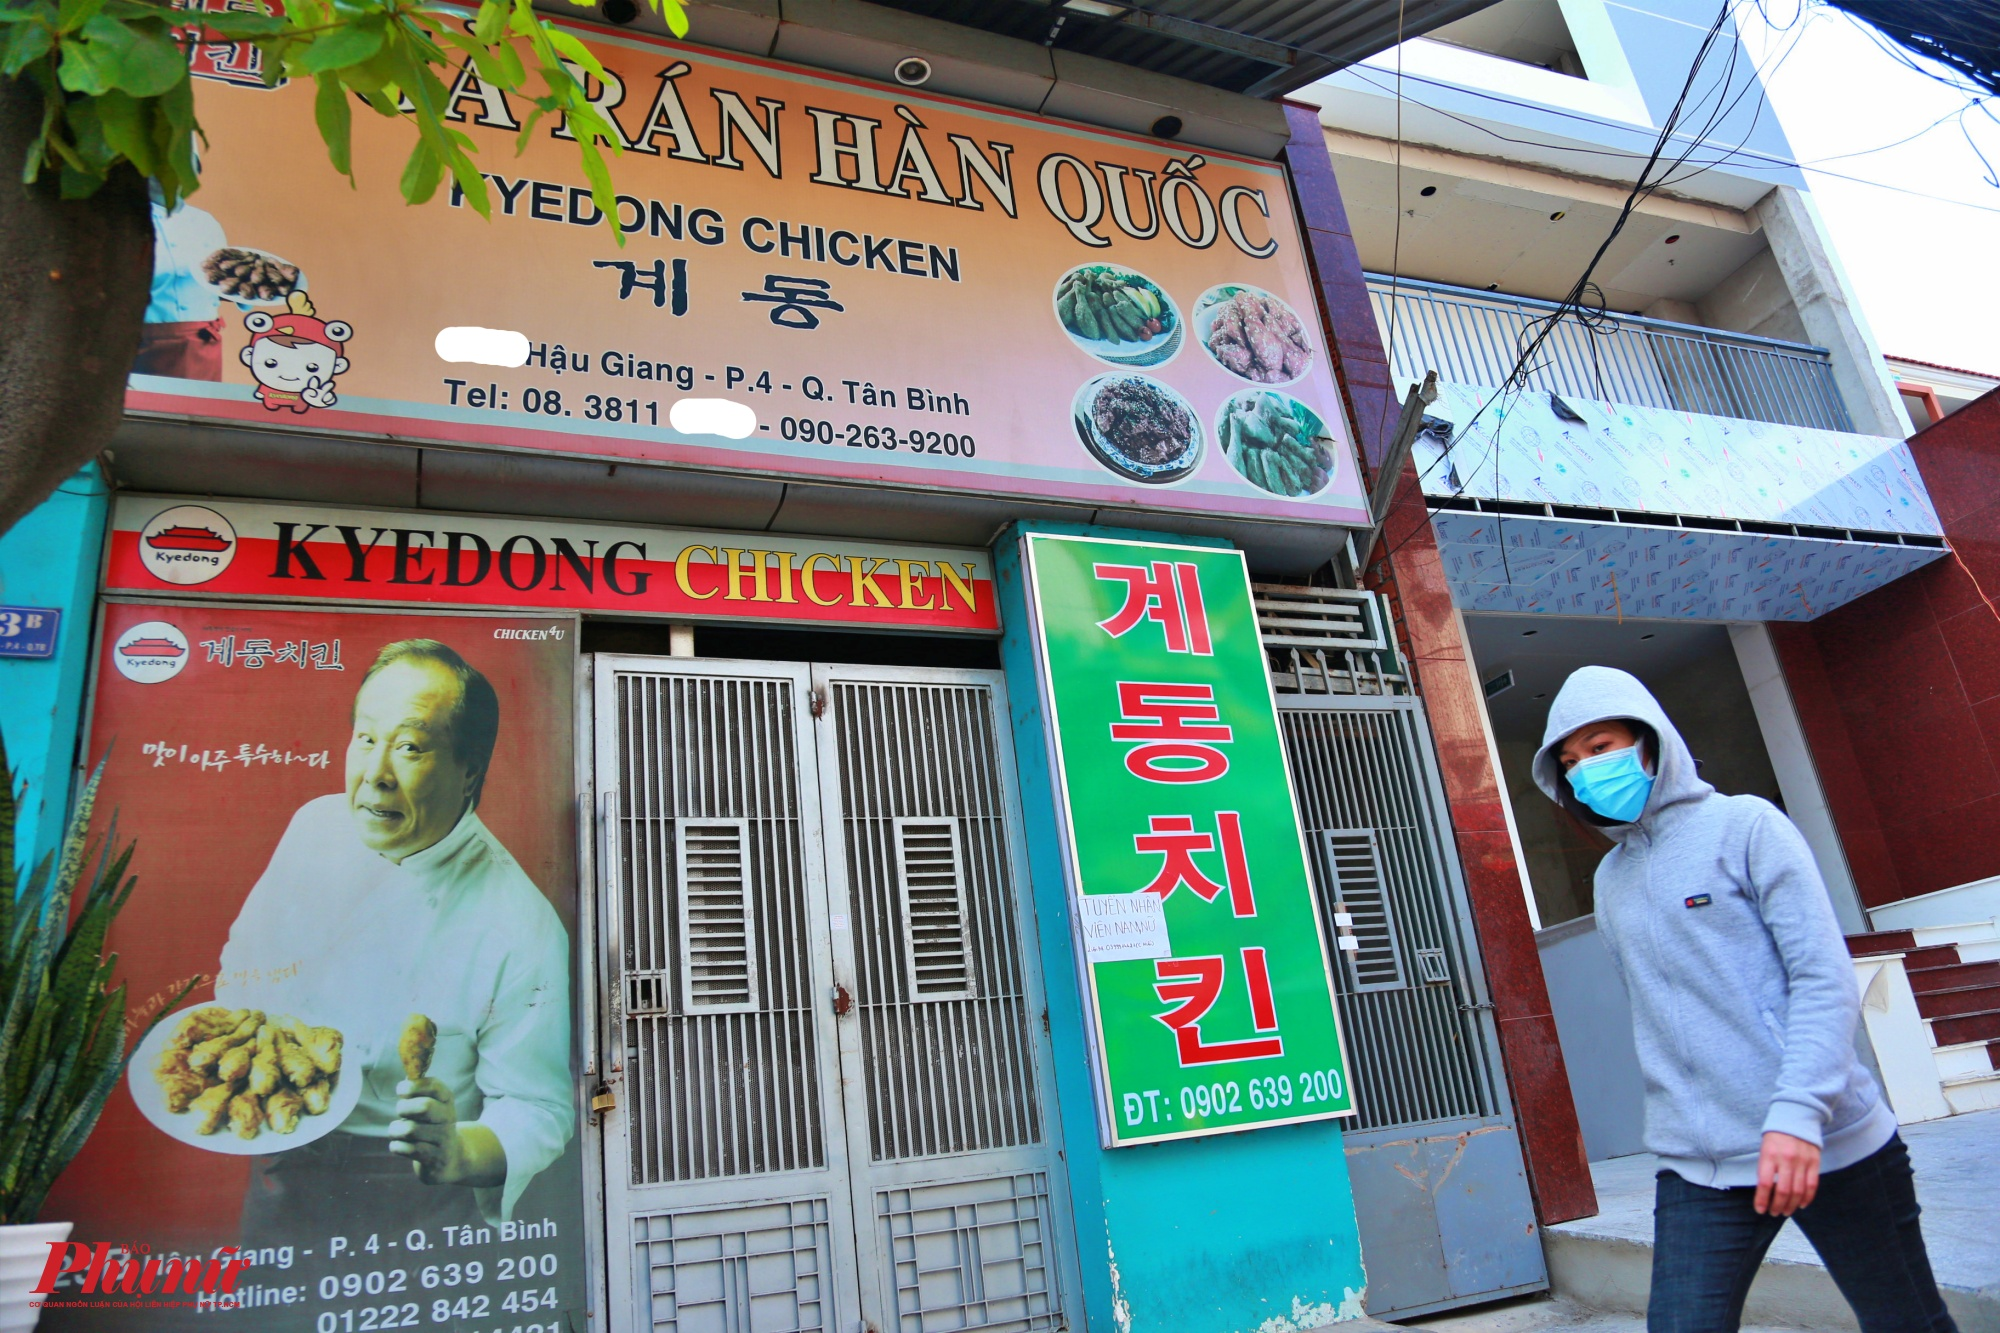 Khác với cảnh buổi trưa khác đông đúc, một quán ăn gà rán Hàn Quốc đóng cửa từ 3 ngày nay do ảnh hưởng của dịch COVID 19, nhiều người đi ra đường mang khẩu trang y tế để phòng ngừa dịch bệnh